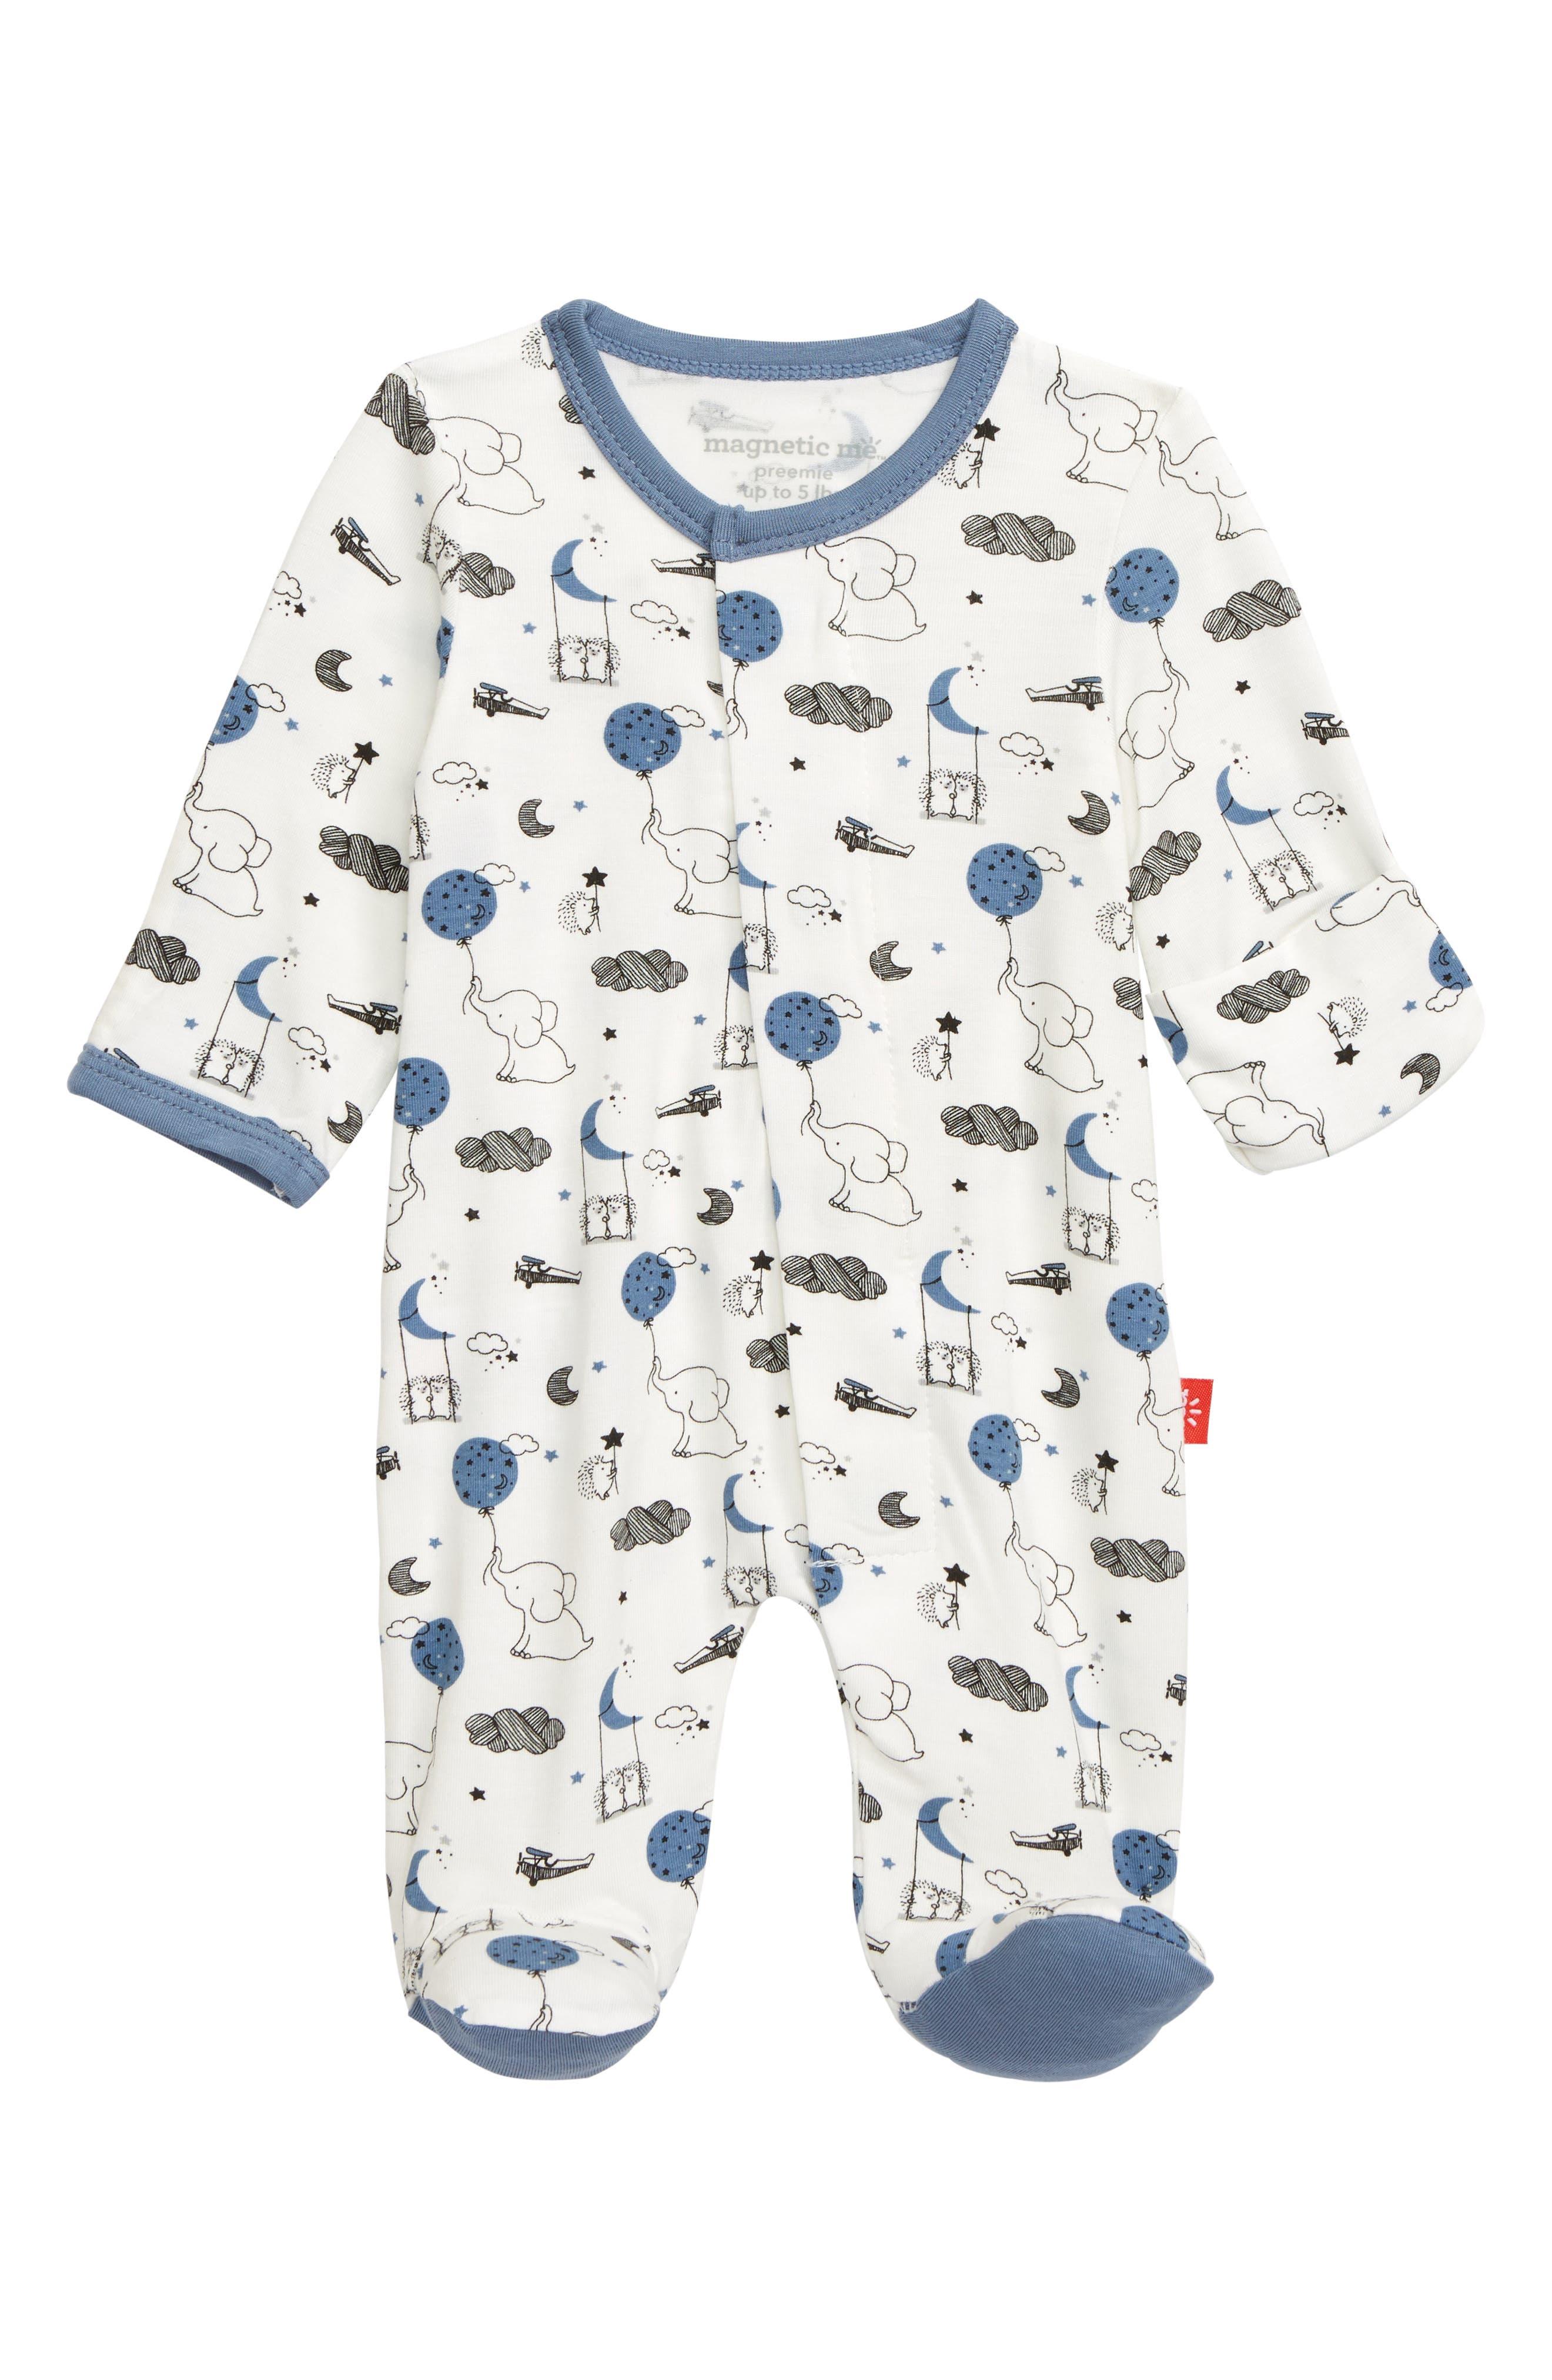 Infant Boys Magnetic Me Skylark Organic Cotton Footie Size 912M  Blue